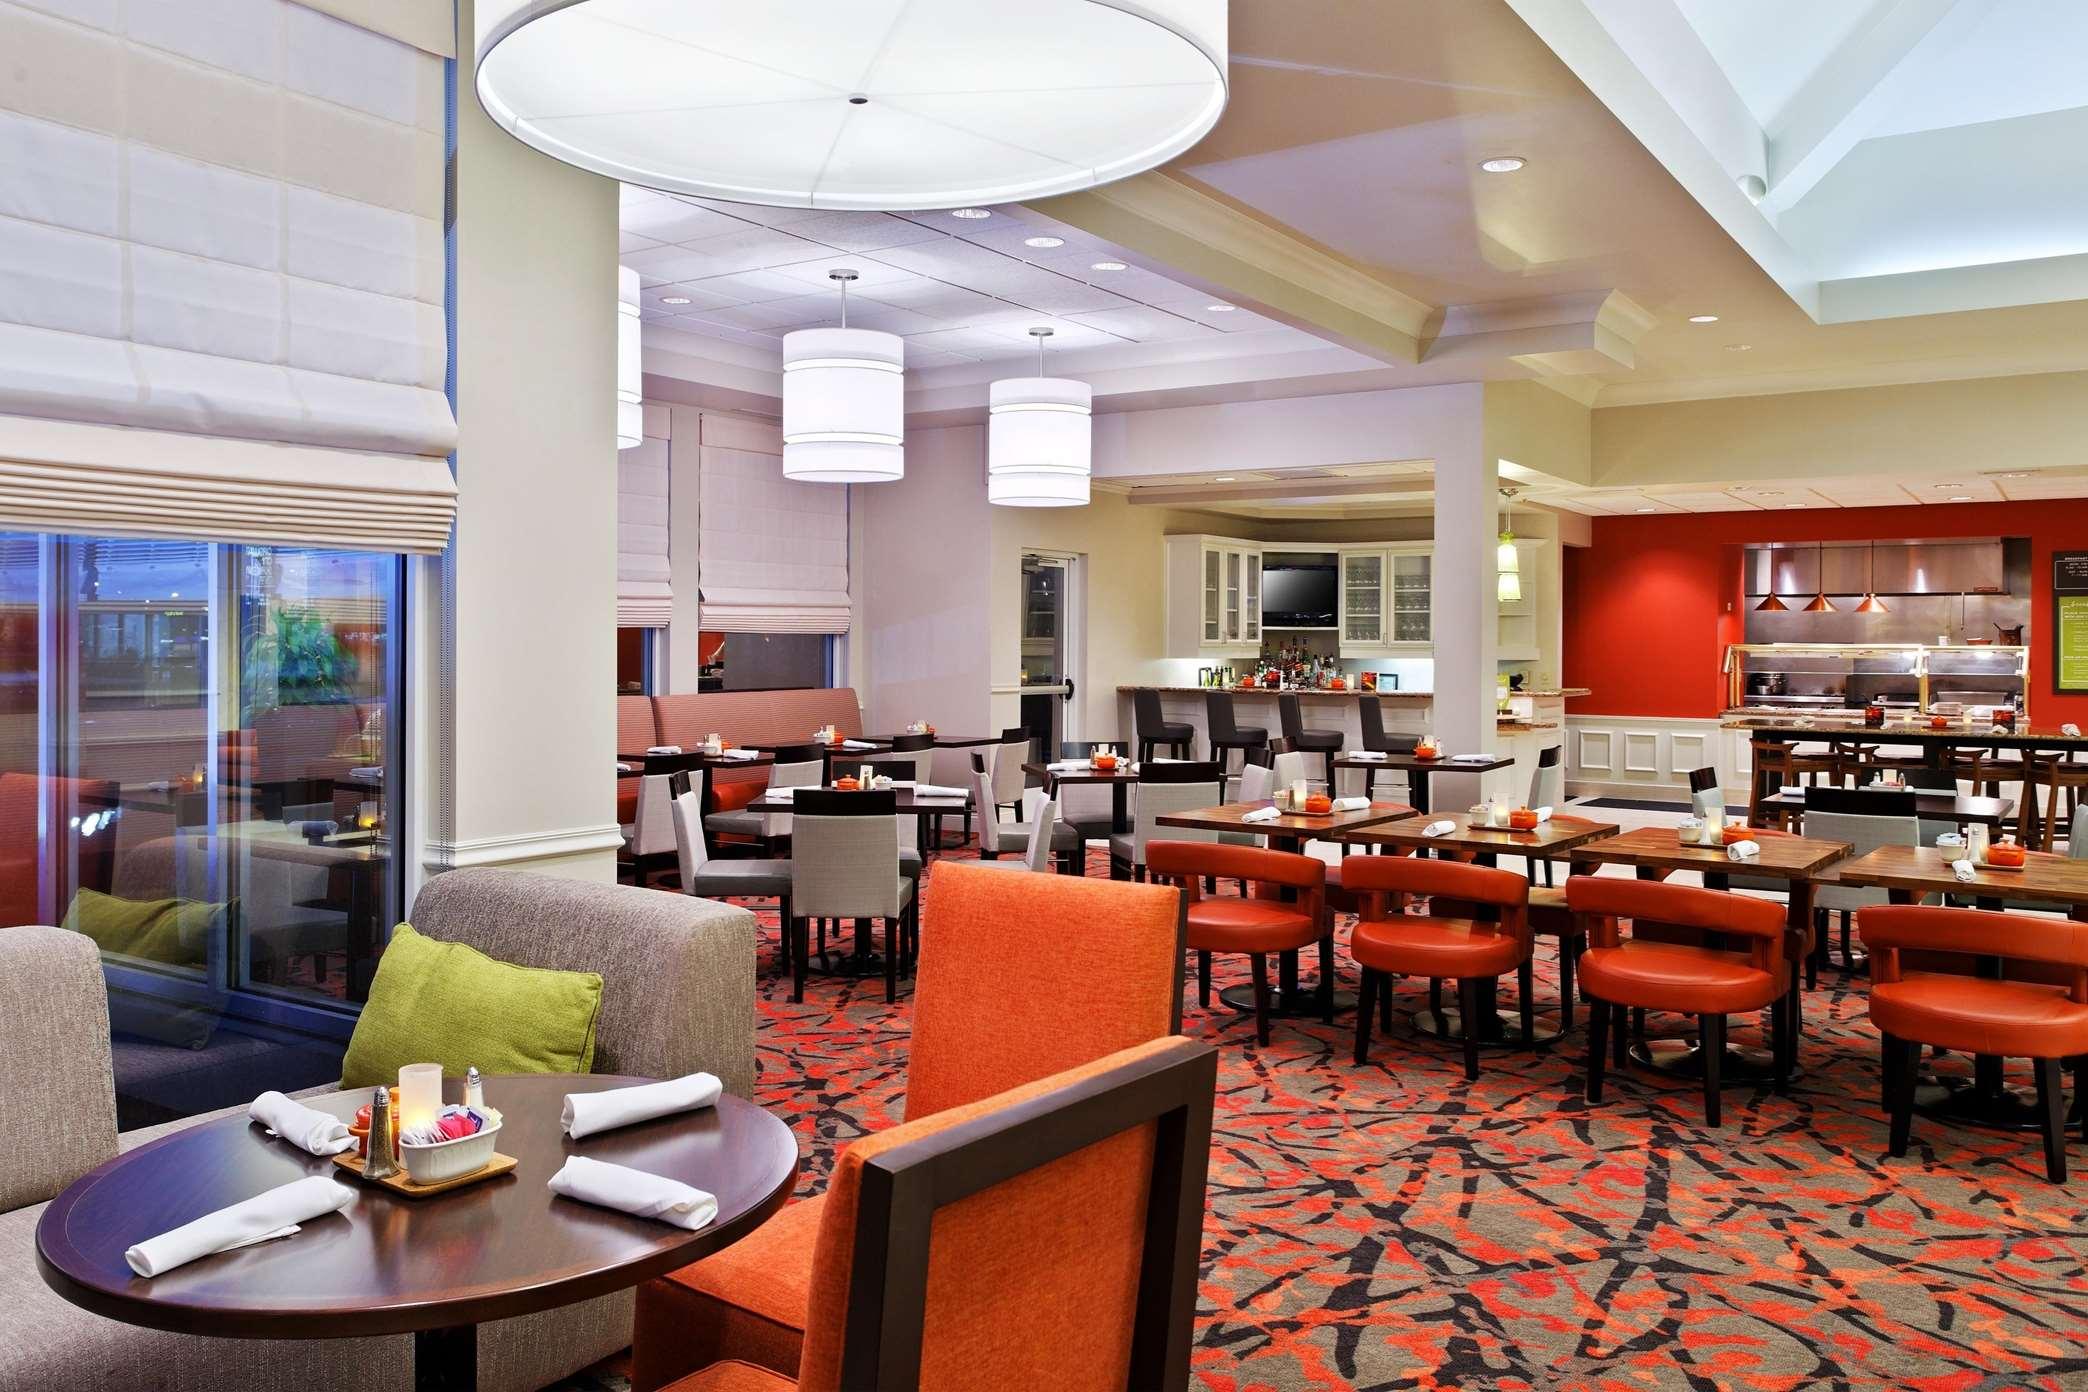 hilton garden inn springfield 3100 s dirksen parkway springfield il hotels motels mapquest - Hilton Garden Inn Springfield Il